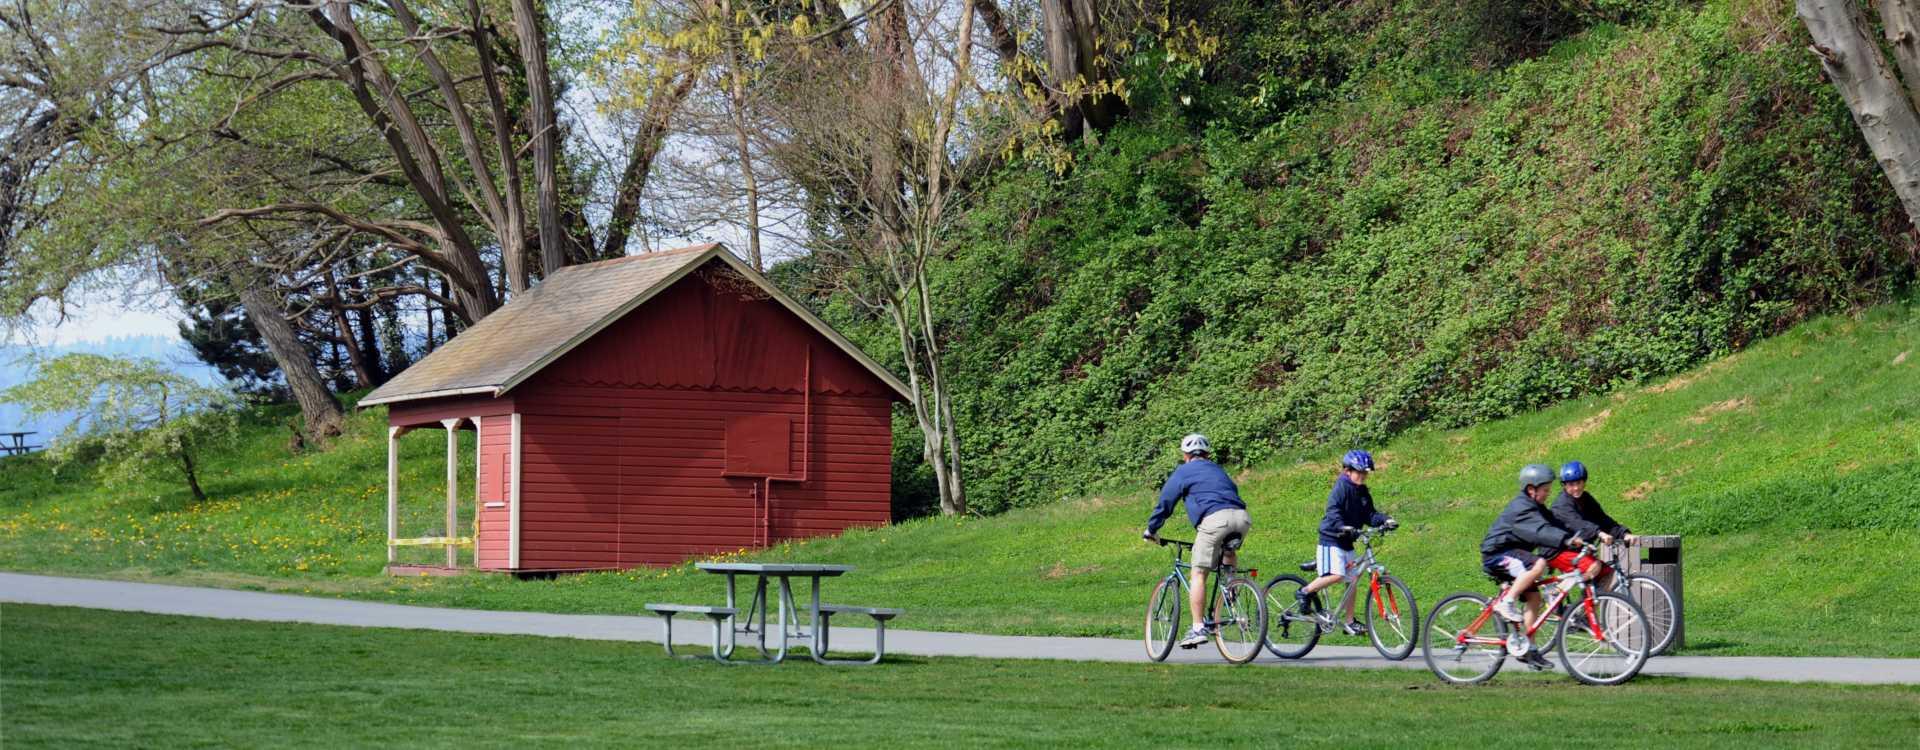 Des-Moines-Beach-Park-Bikes